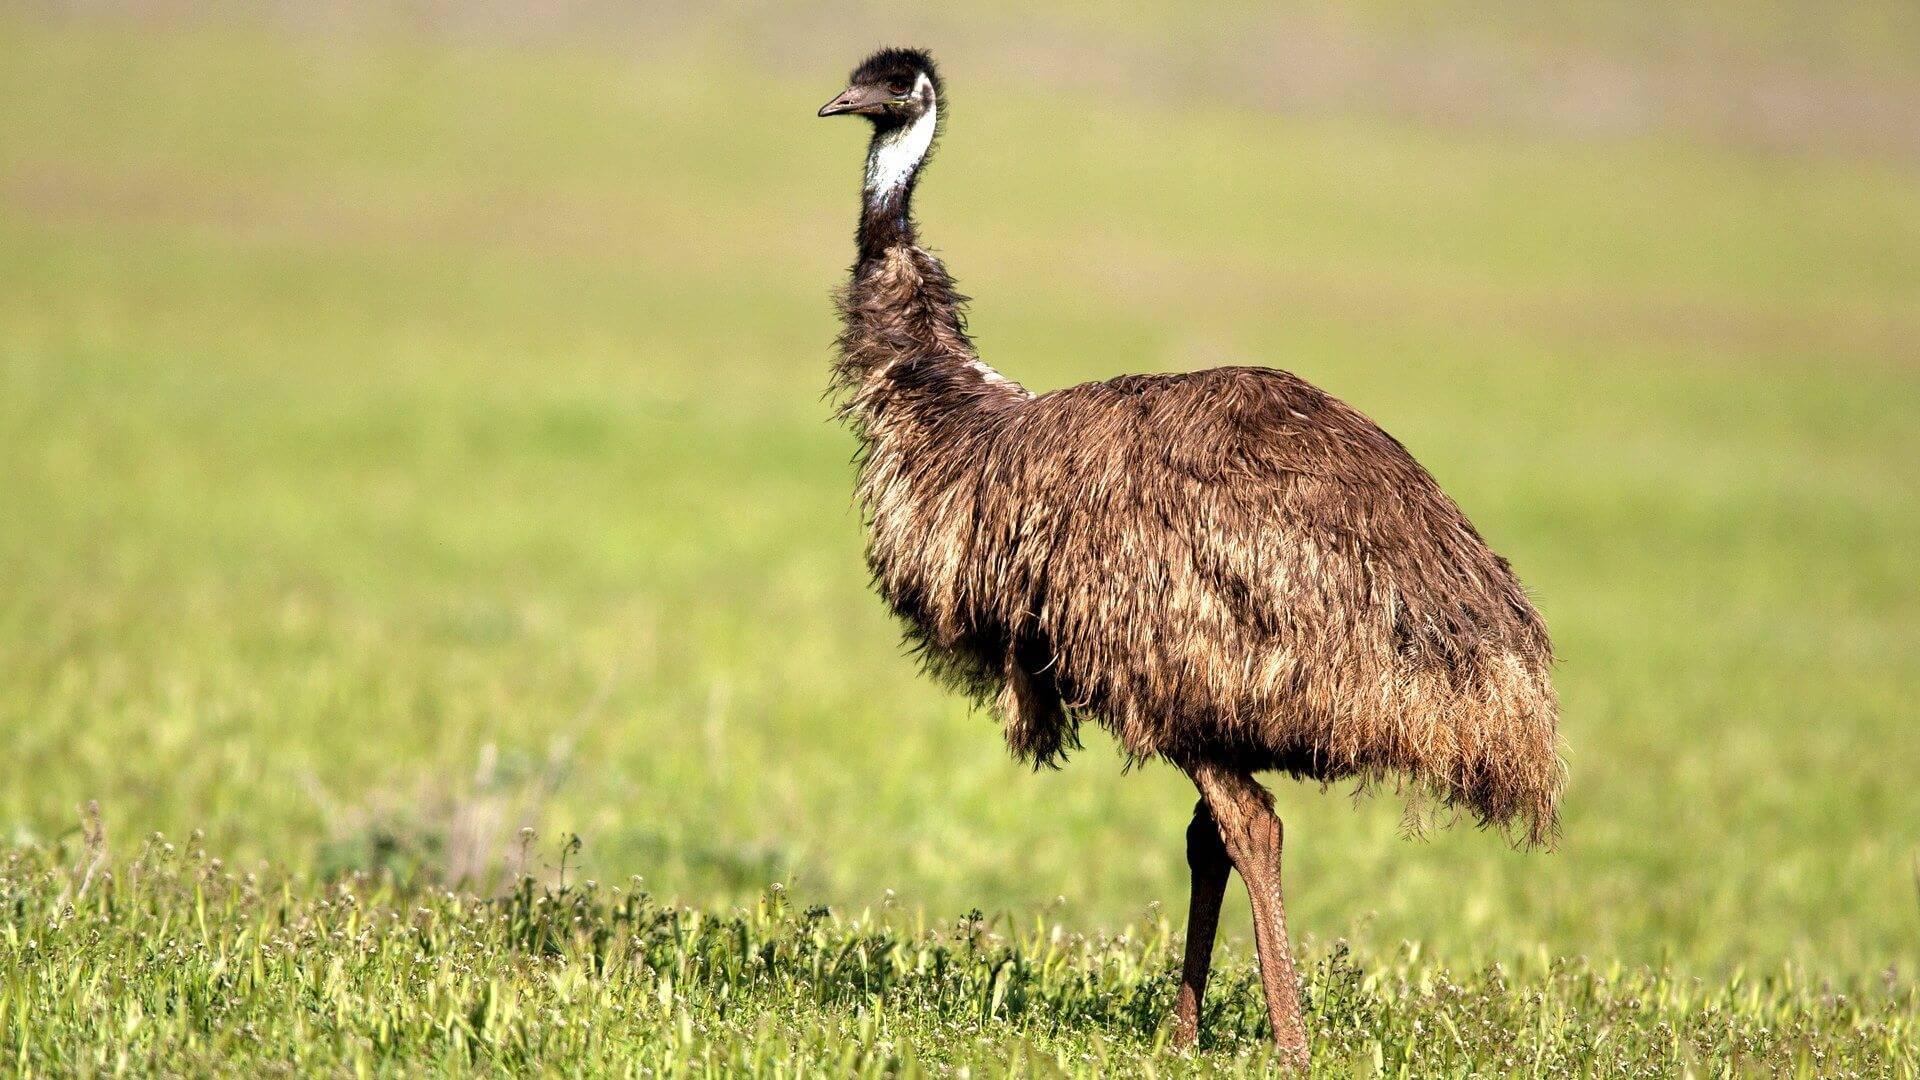 Виды страусов (24 фото): описание сомалийских черных, азиатских и представителей других пород. какую разновидность выбрать?